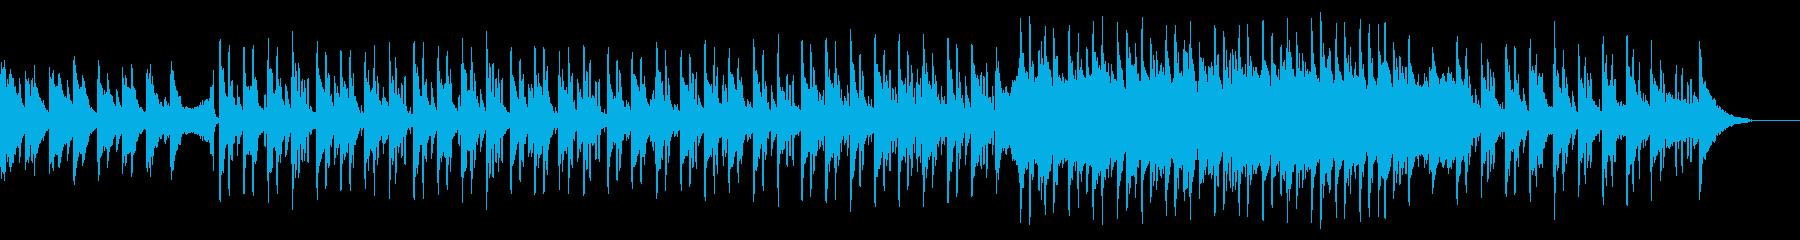 キラキラしたピアノとベルの温かいBGMの再生済みの波形